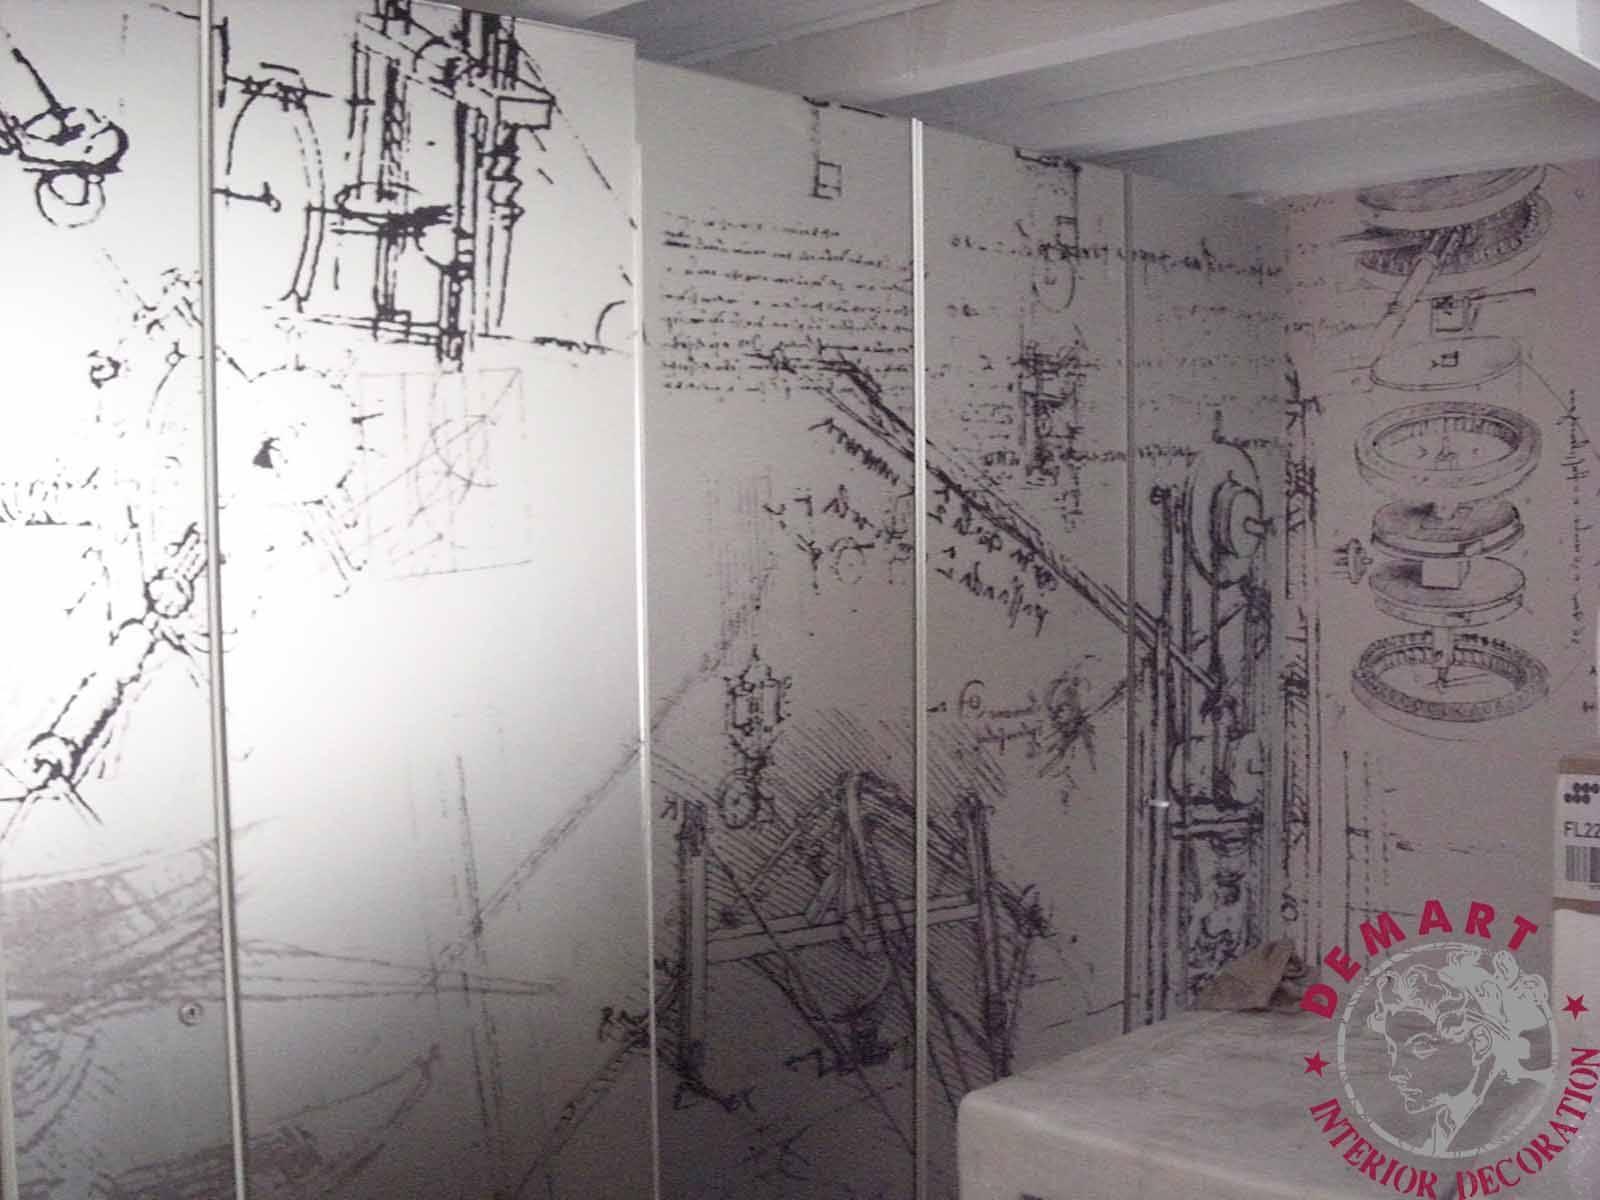 decorazione-armadio-pellicola-castrignano-cambio-casa-cambio-vita-01